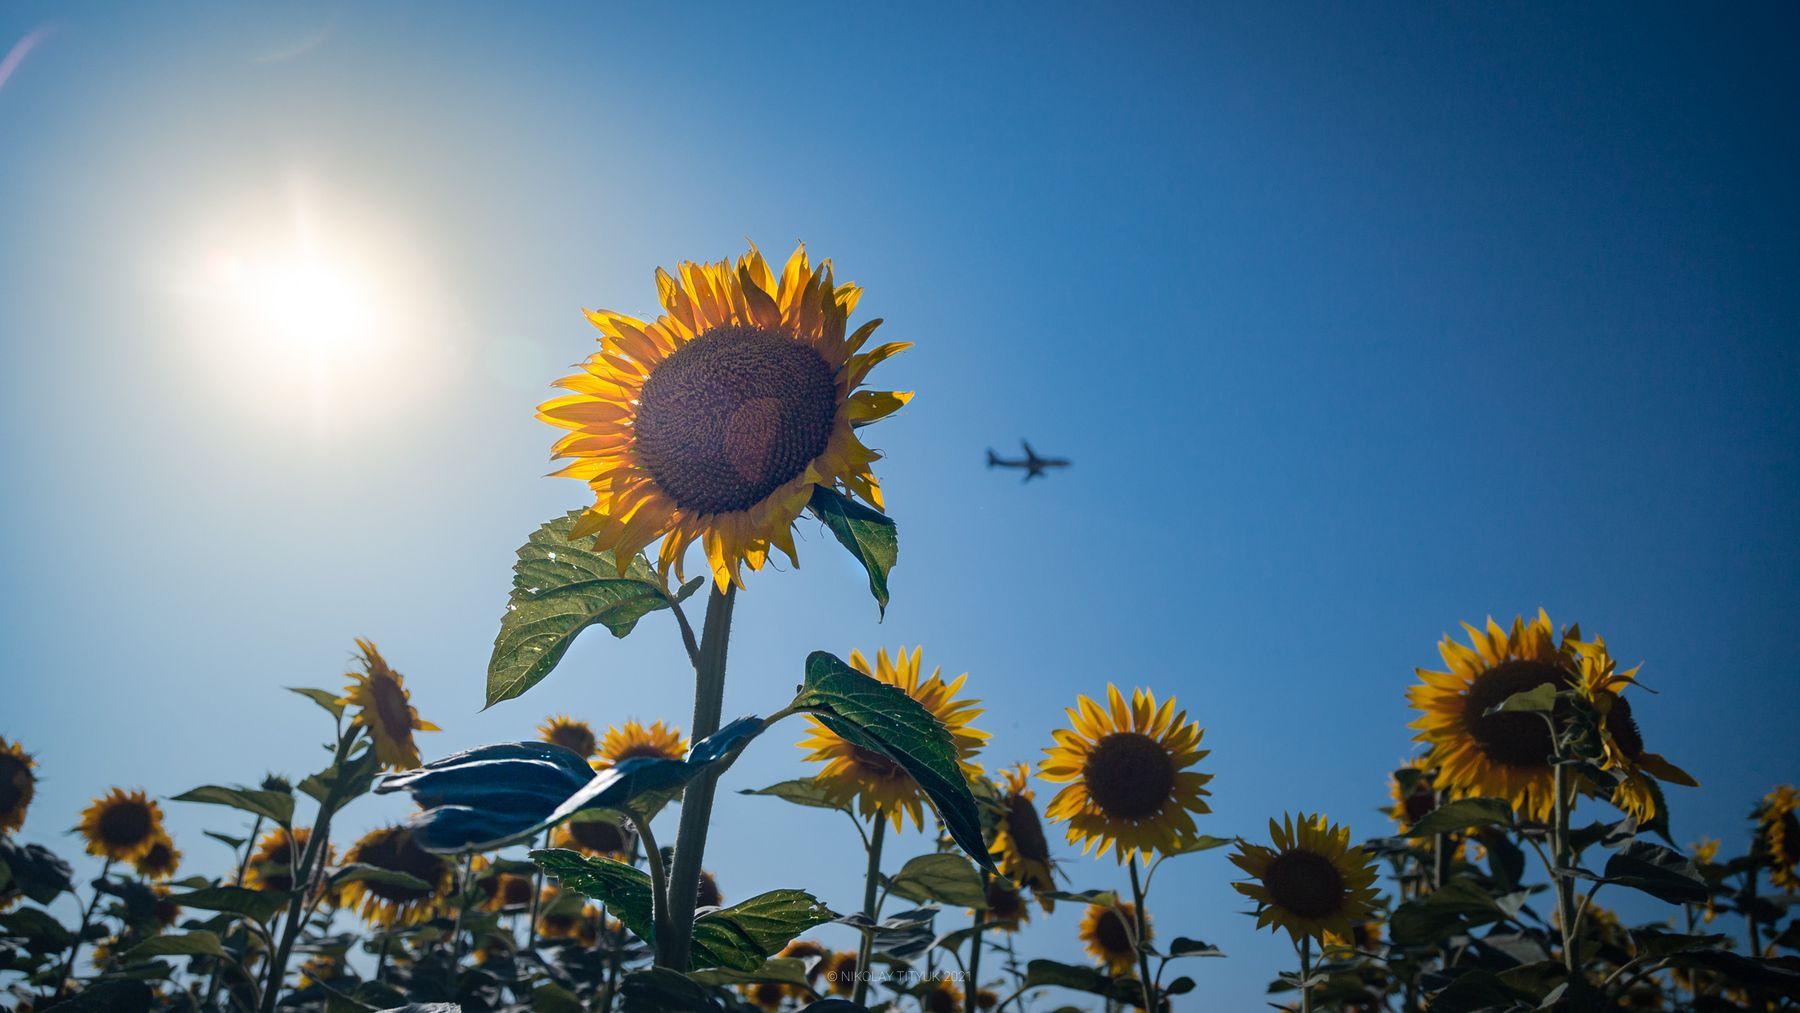 Подсолнух Подсолнух лето море самолет солнце небо